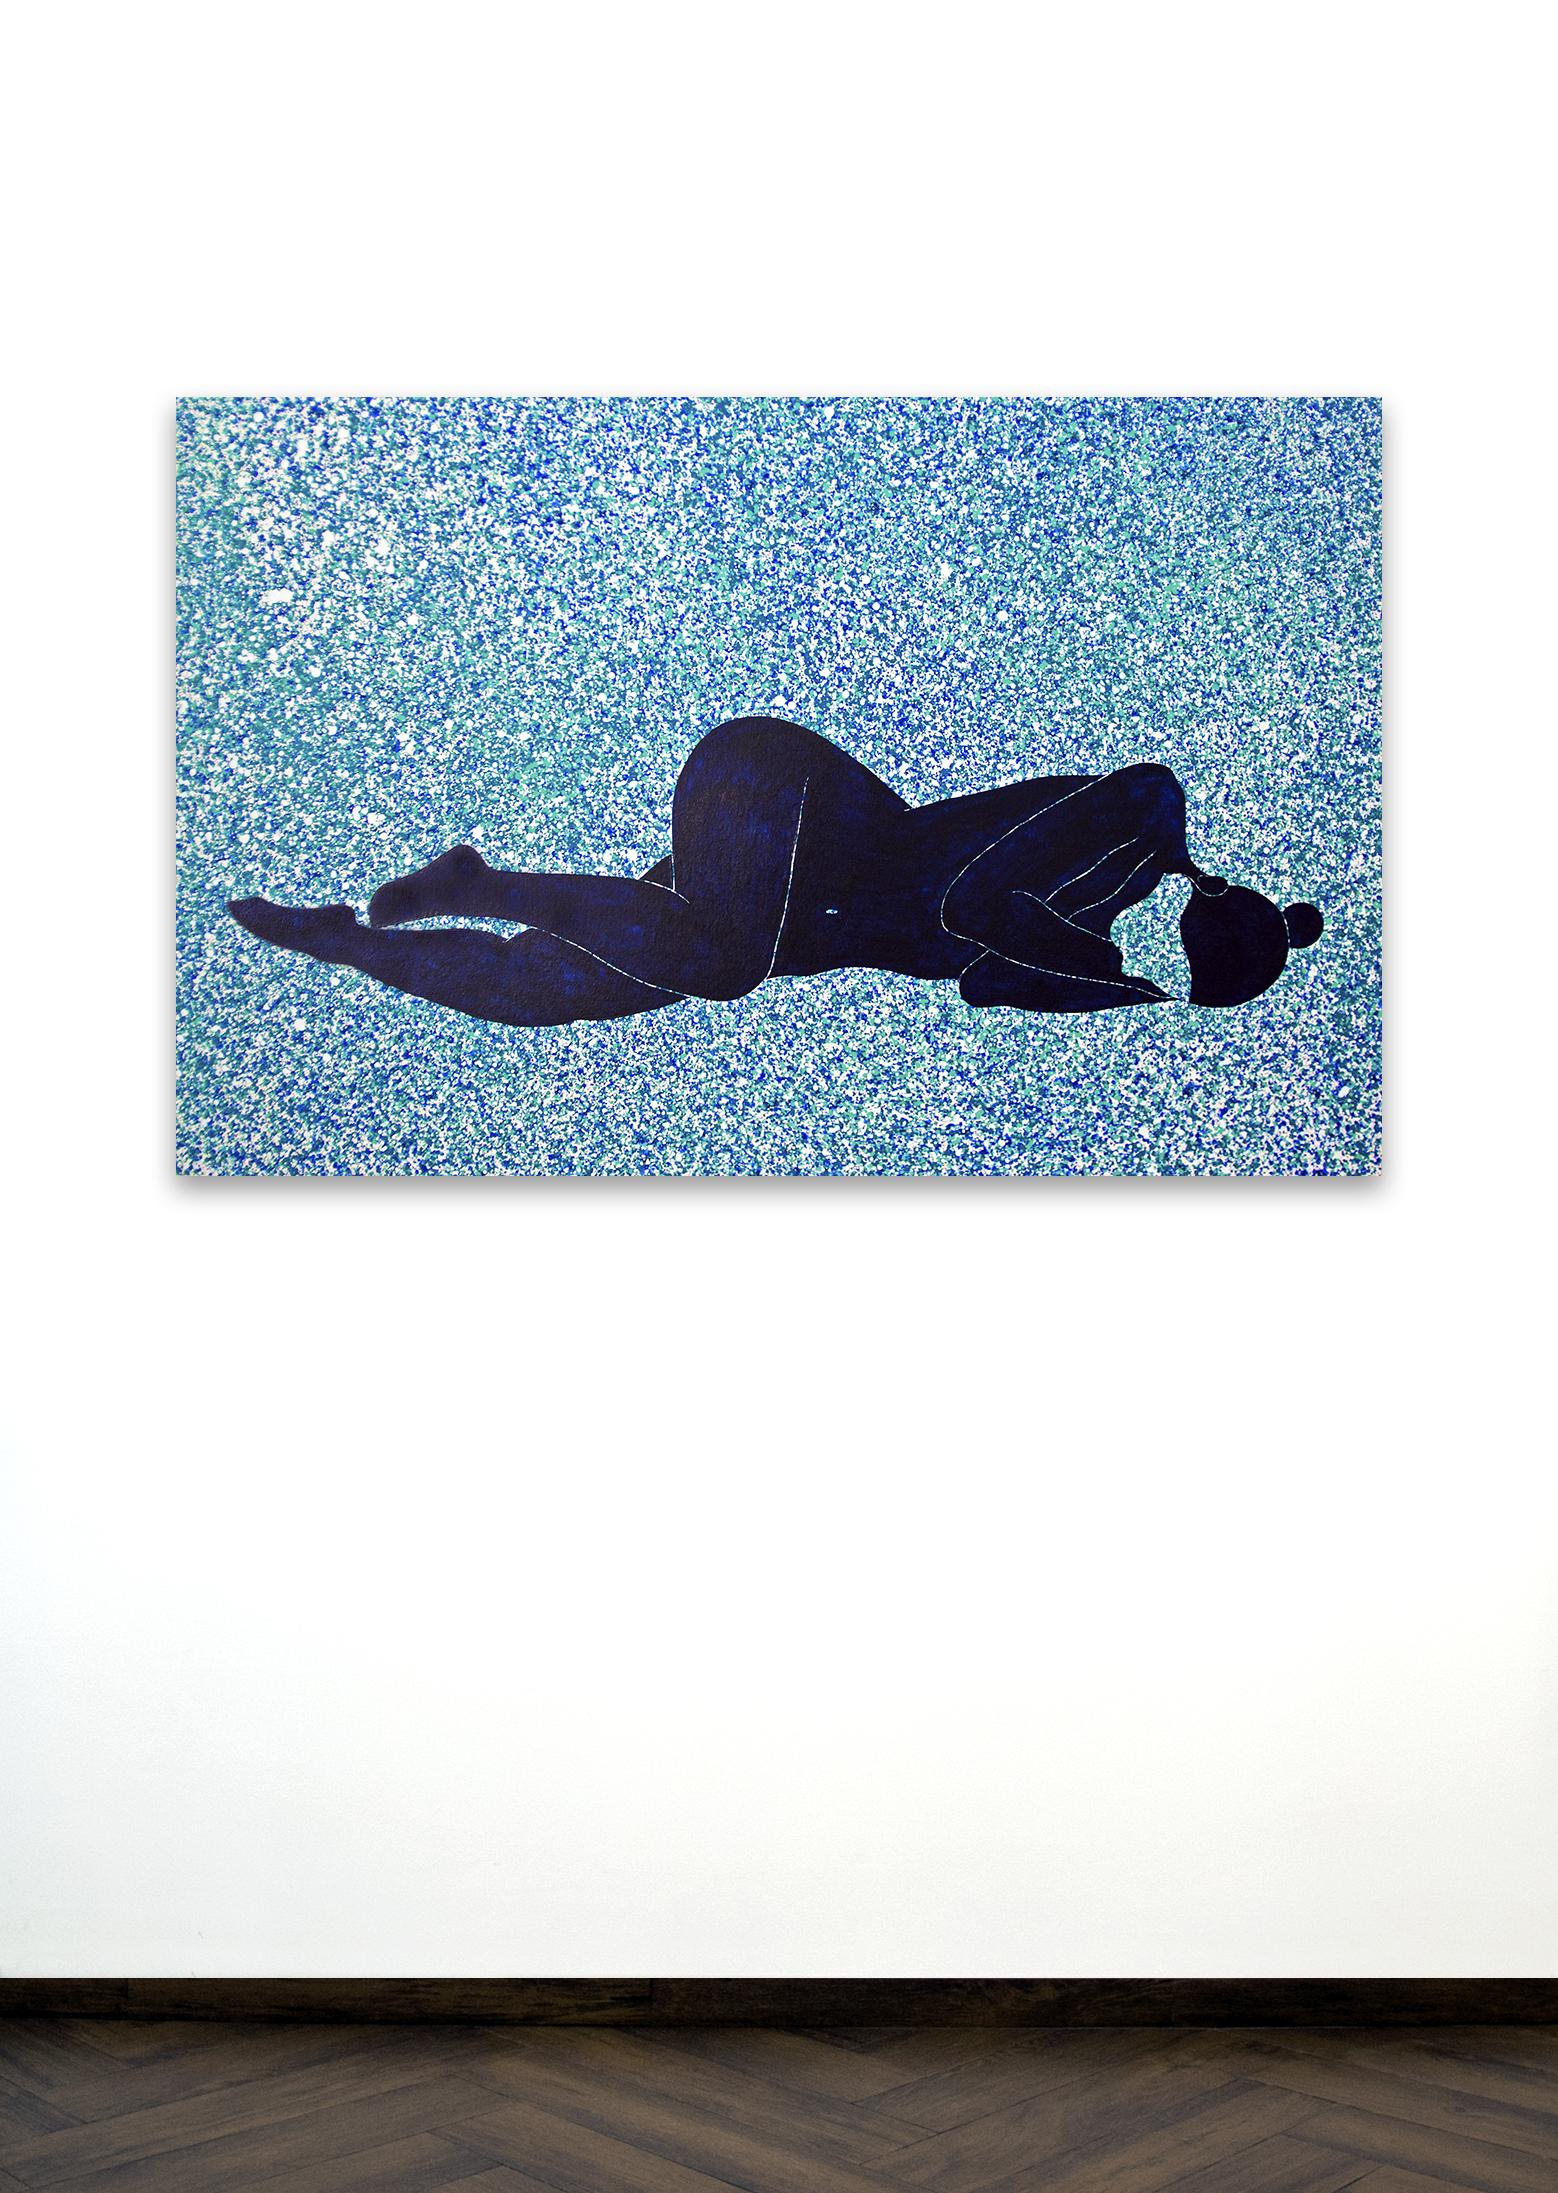 Skoya Assémat-Tessandier, Sleeping Beauty °I, 2014 90cm x 140cm, Acrylic on canvas, wooden stretchers.